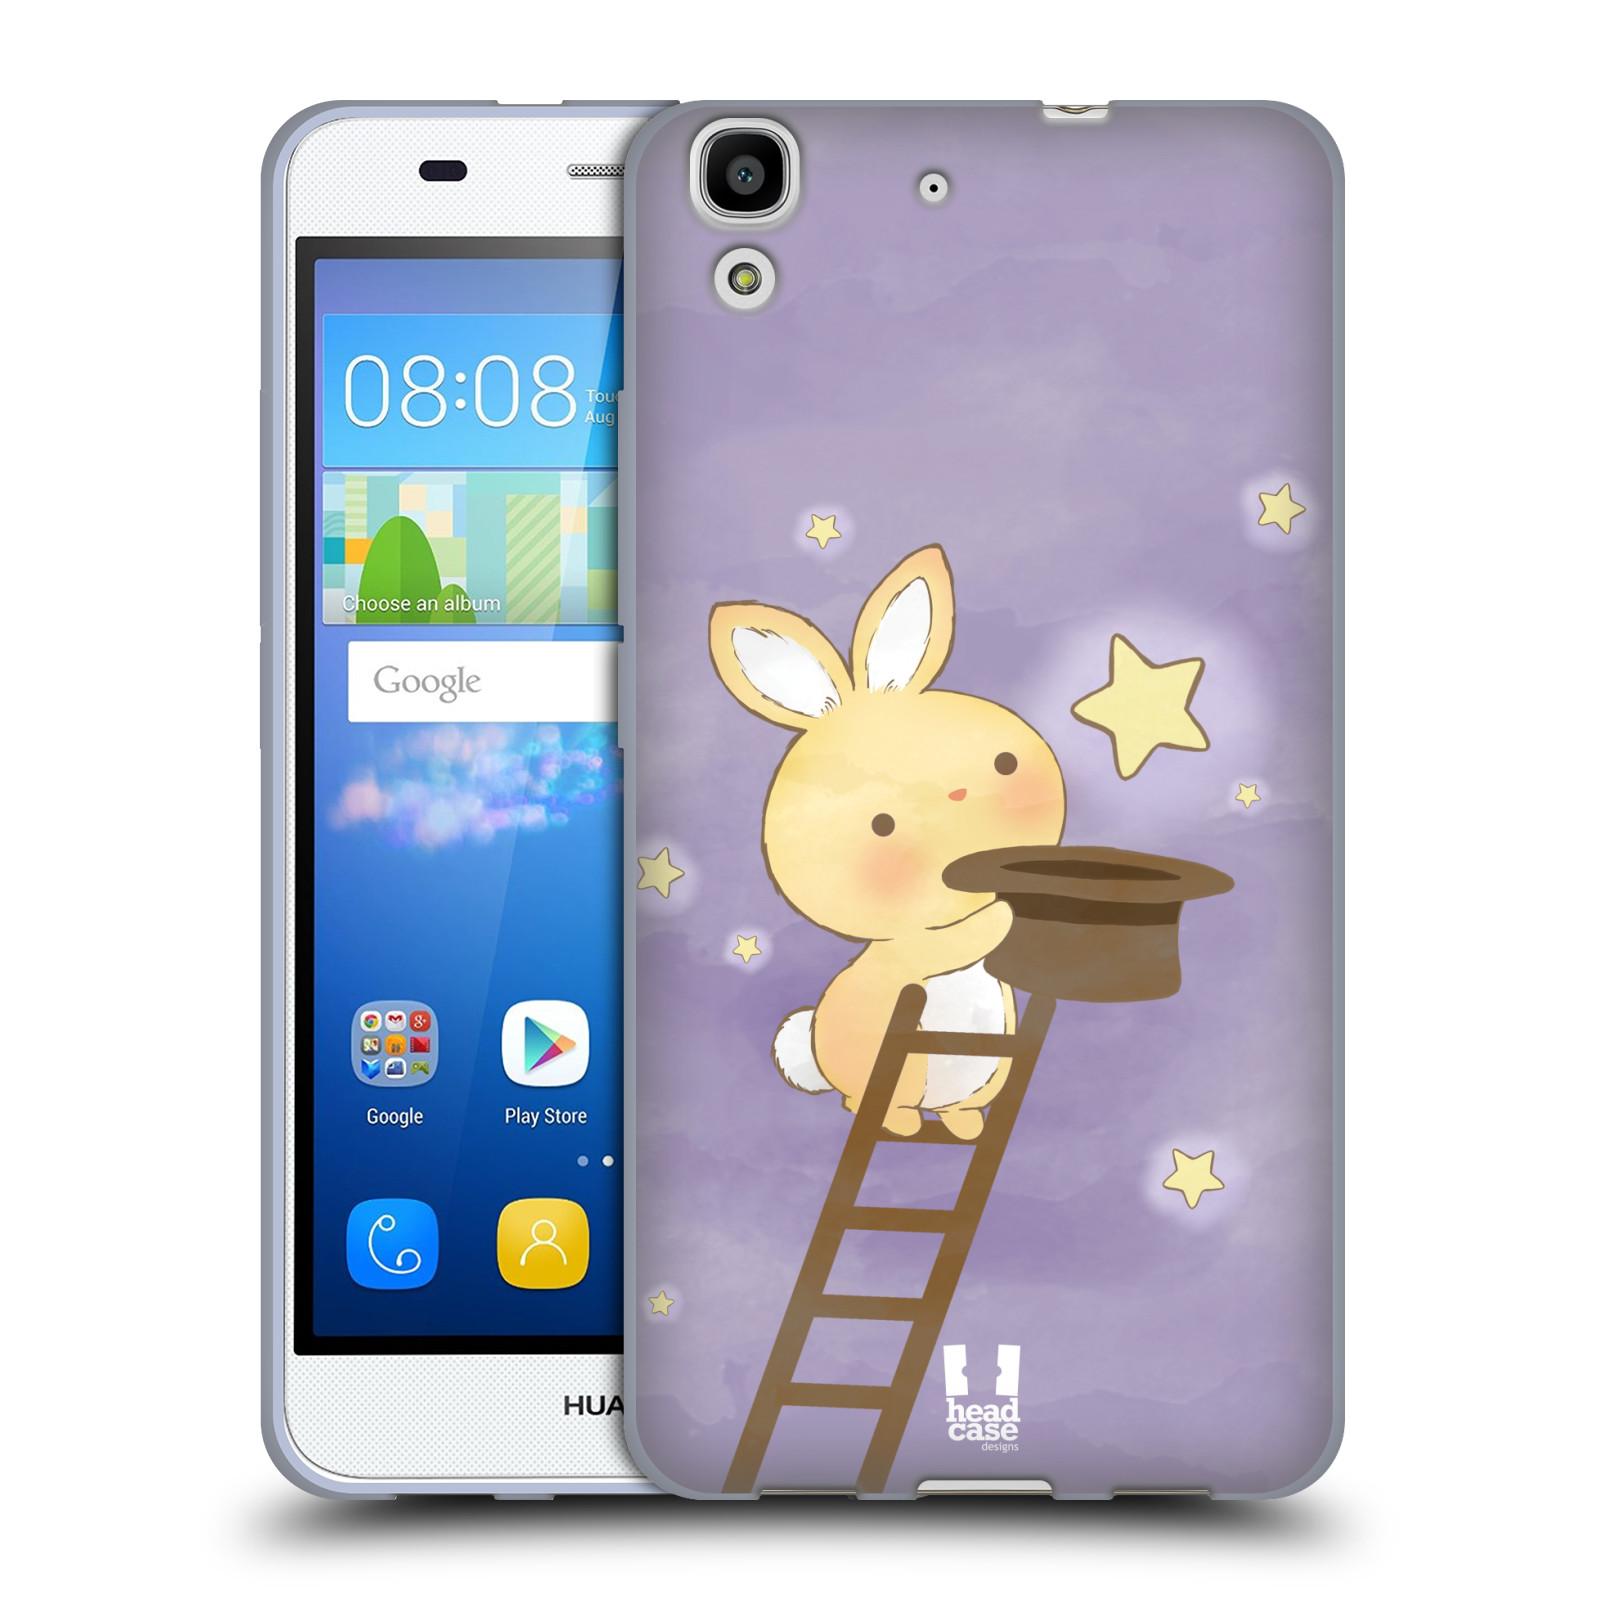 HEAD CASE silikonový obal na mobil HUAWEI Y6 vzor králíček a hvězdy fialová